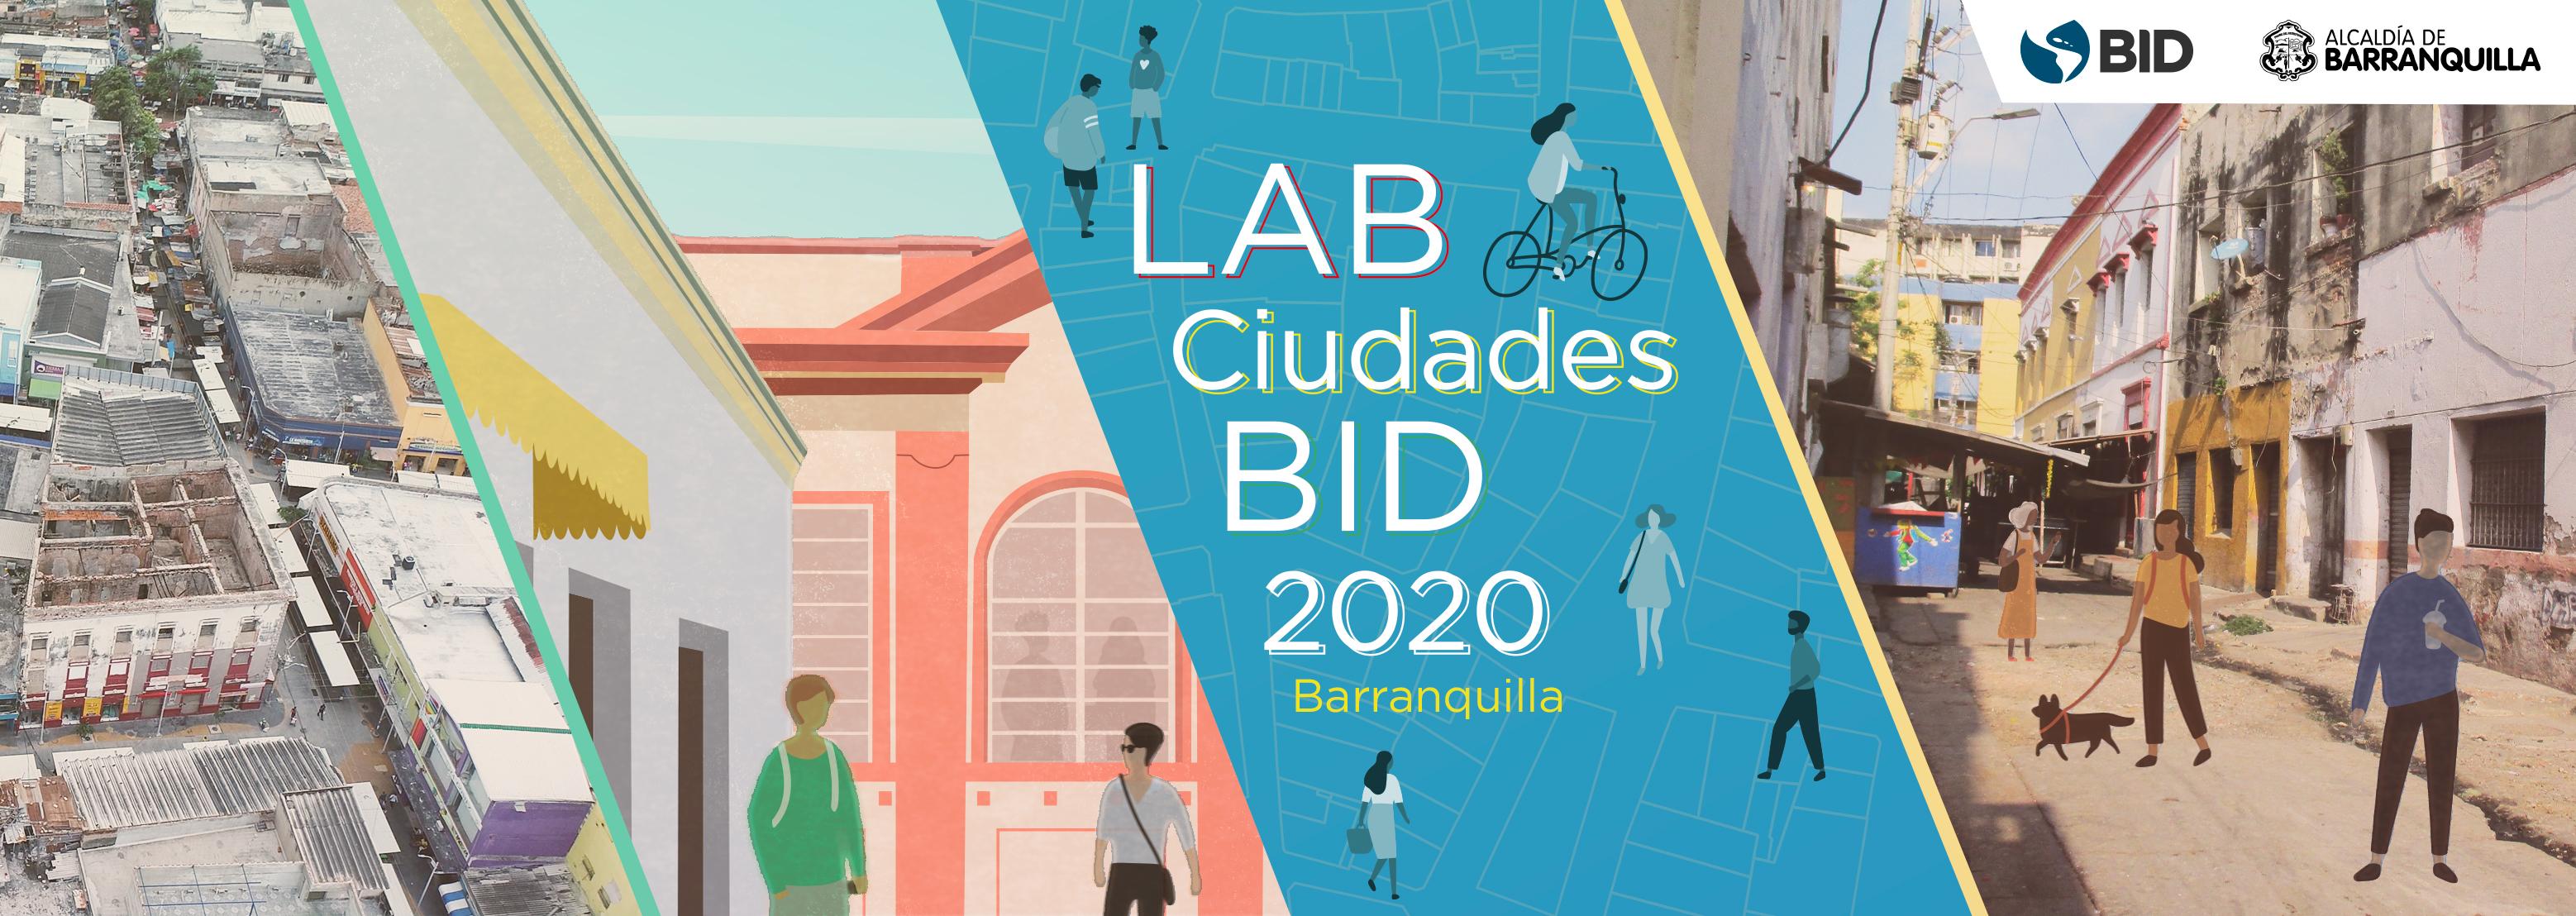 Concurso universitario LAB Ciudades BID 2020: recuperando los callejones del centro antiguo de Barranquilla